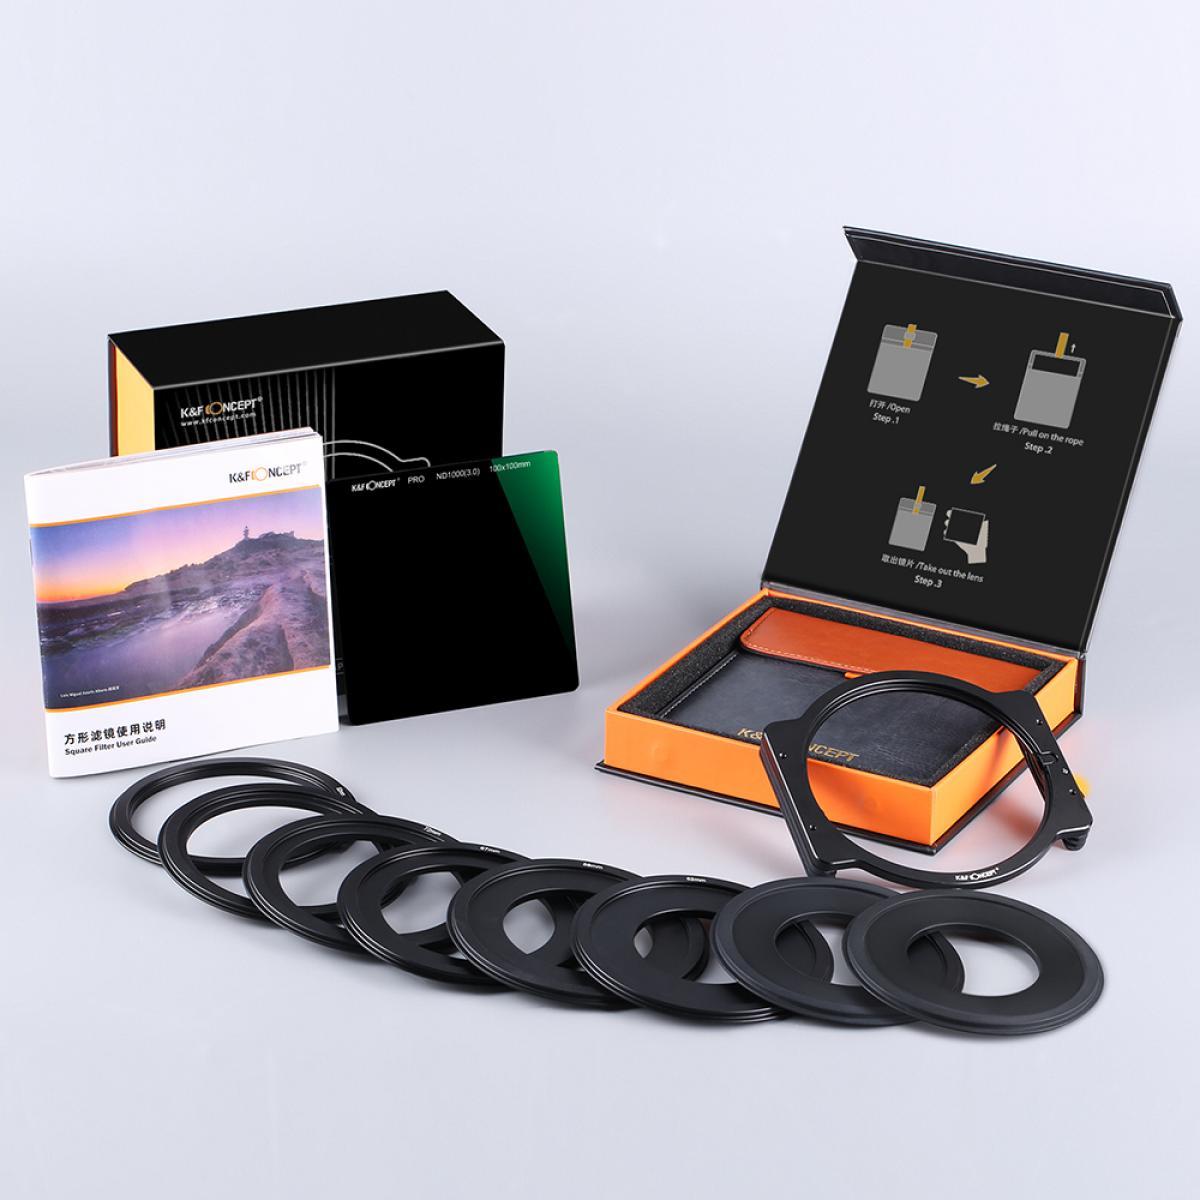 K&F Concept SN25T1 ND1000 Filtro cuadrado 100x100mm + Soporte de metal + 8 piezas Anillos adaptadores para DSLR